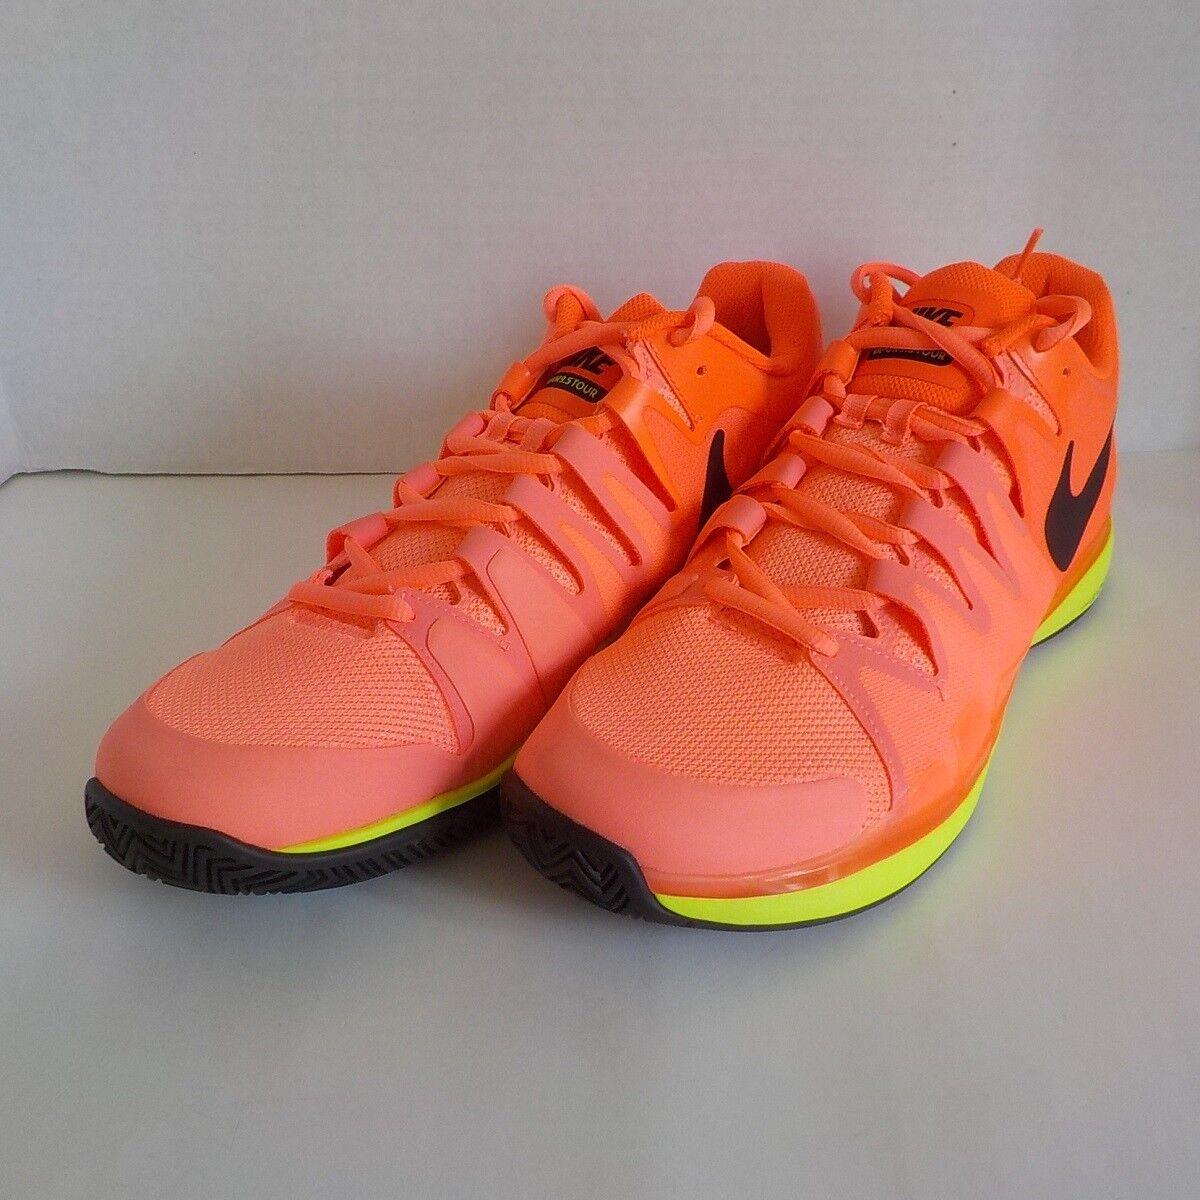 Wild casual shoes Nike VAPOR 9.5 TOUR Roger Federer Tennis Shoes LAVA 631458 600 Men Comfortable